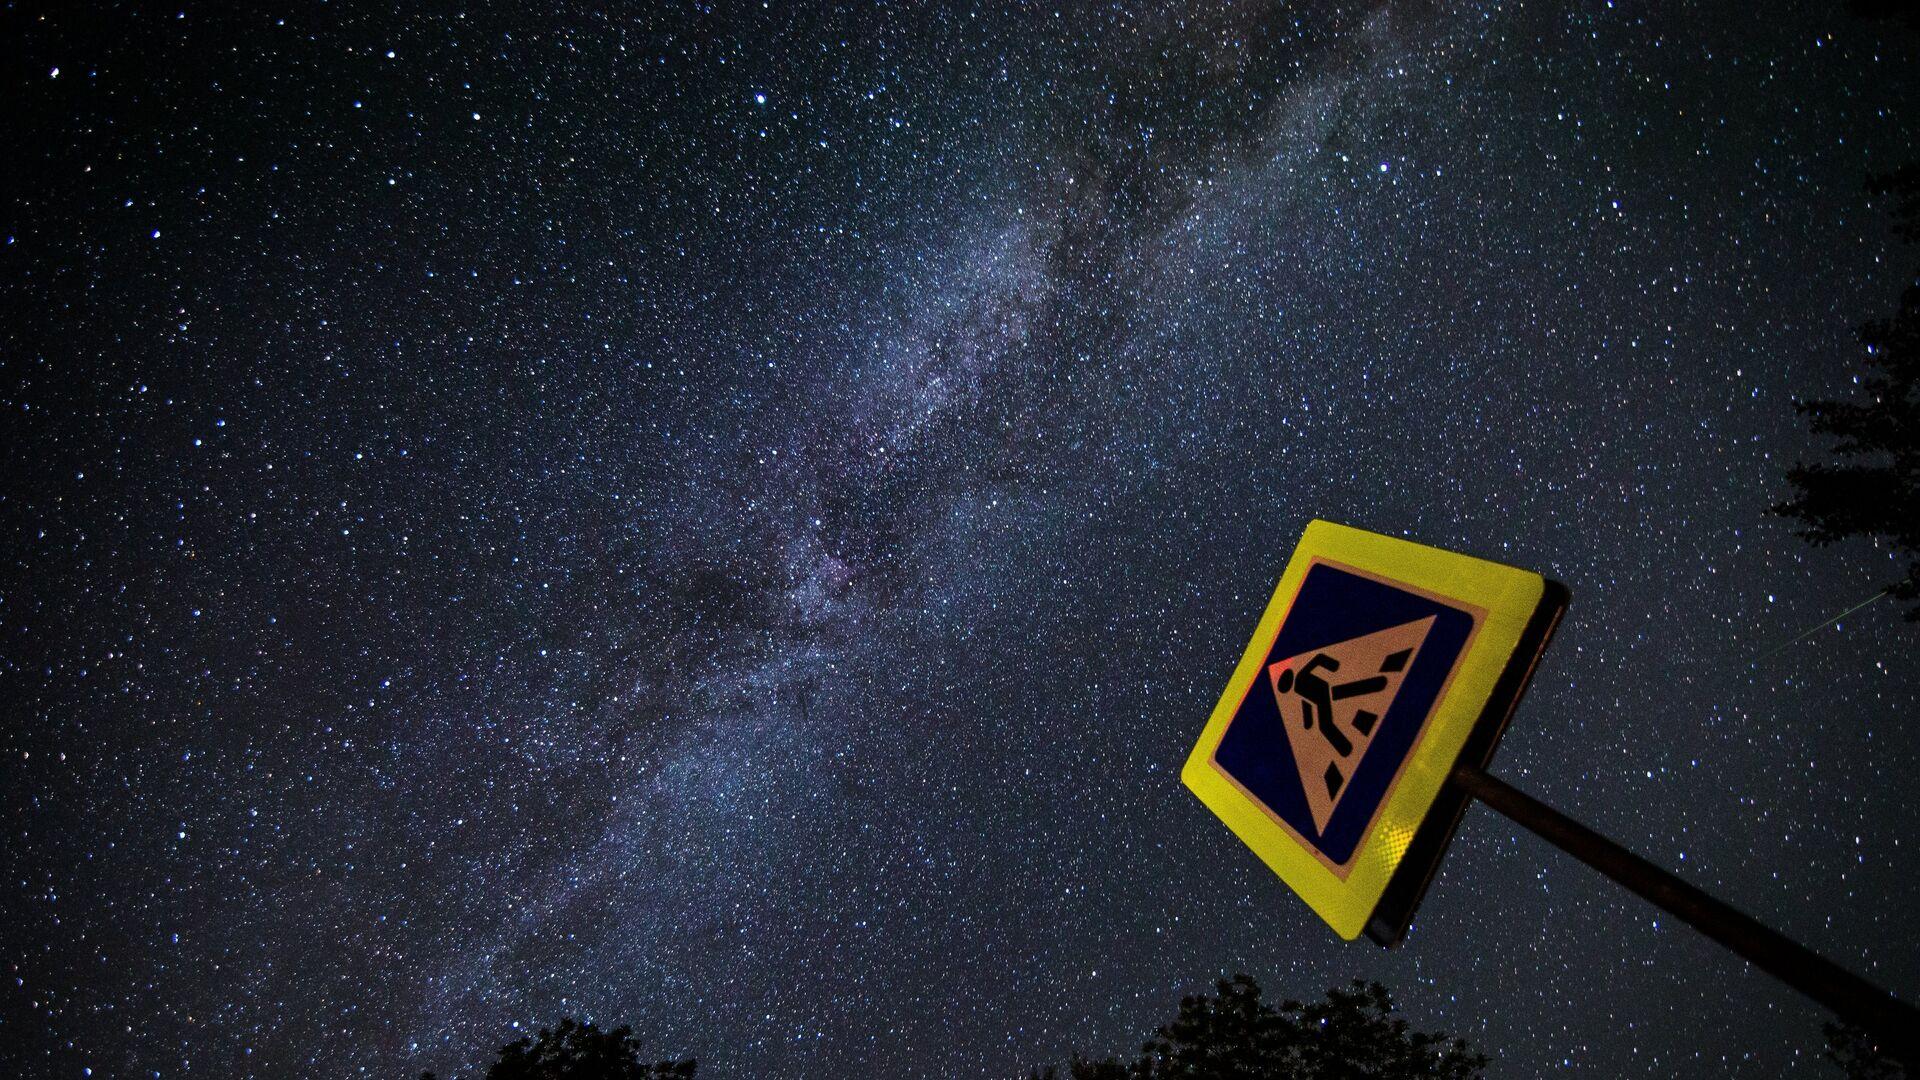 Житель Приморья рассказал, как сделал фото, впечатлившее НАСА